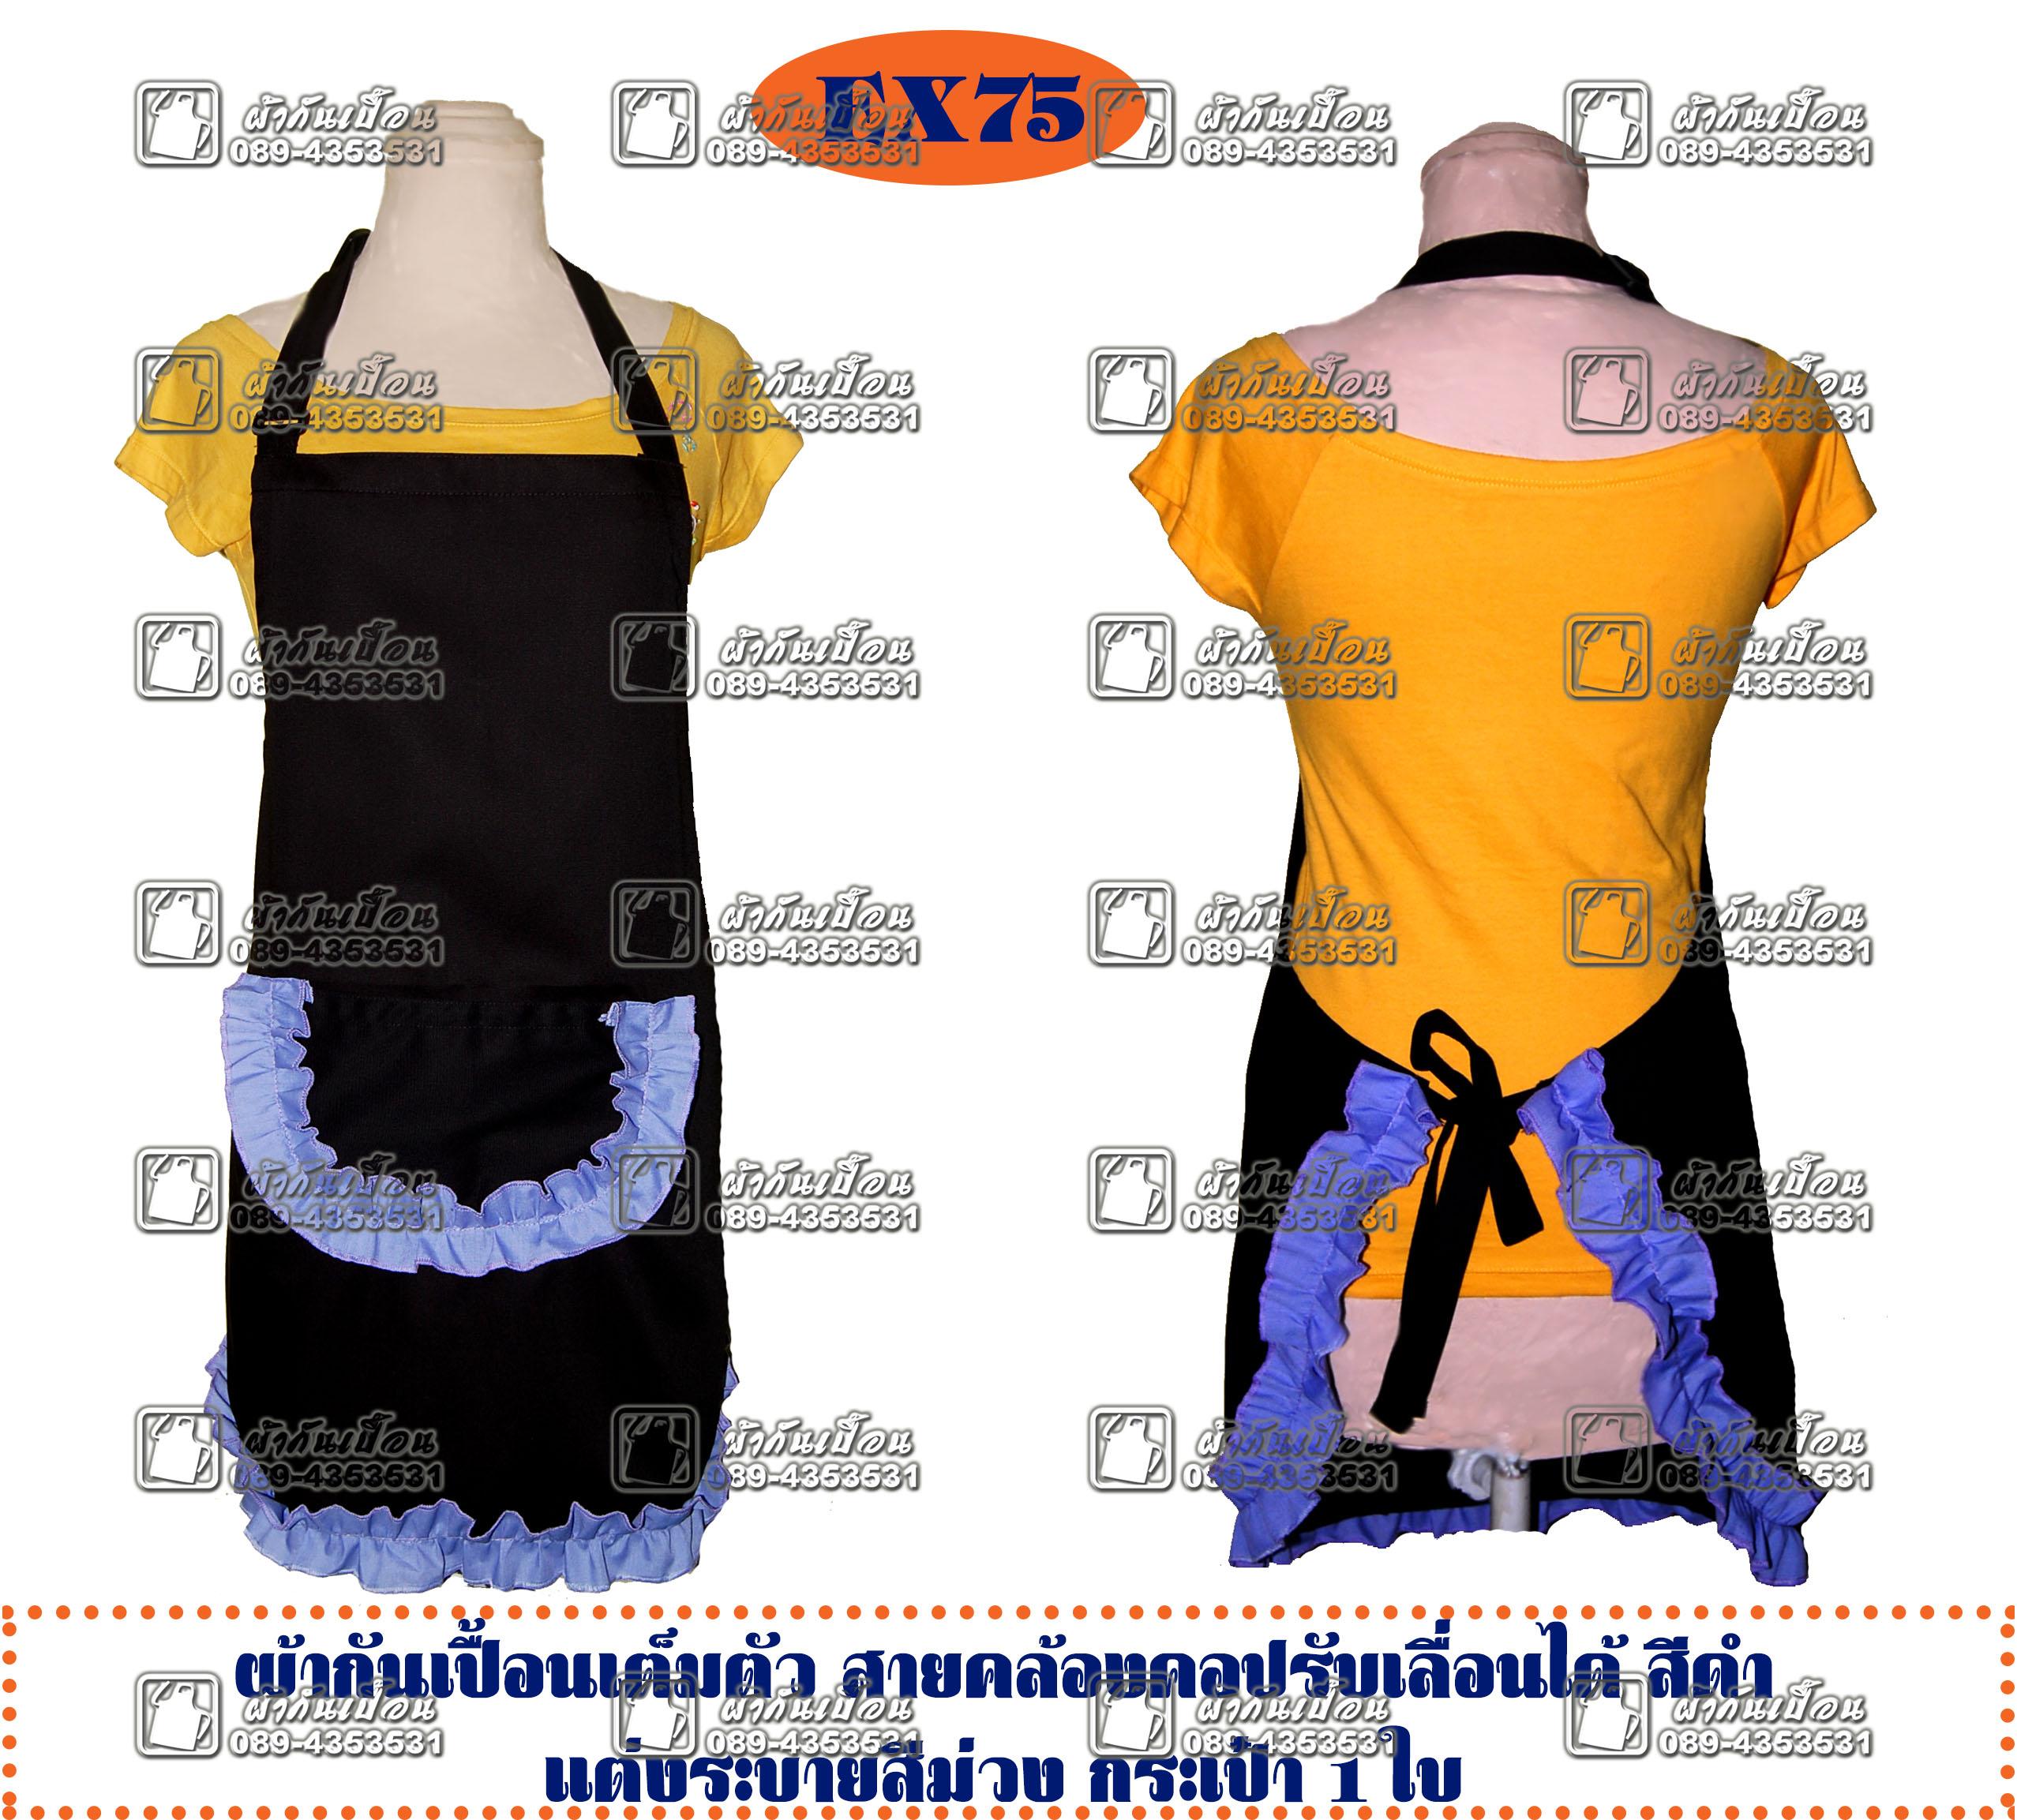 ผ้ากันเปื้อน สีดำแต่งระบายสีม่วง